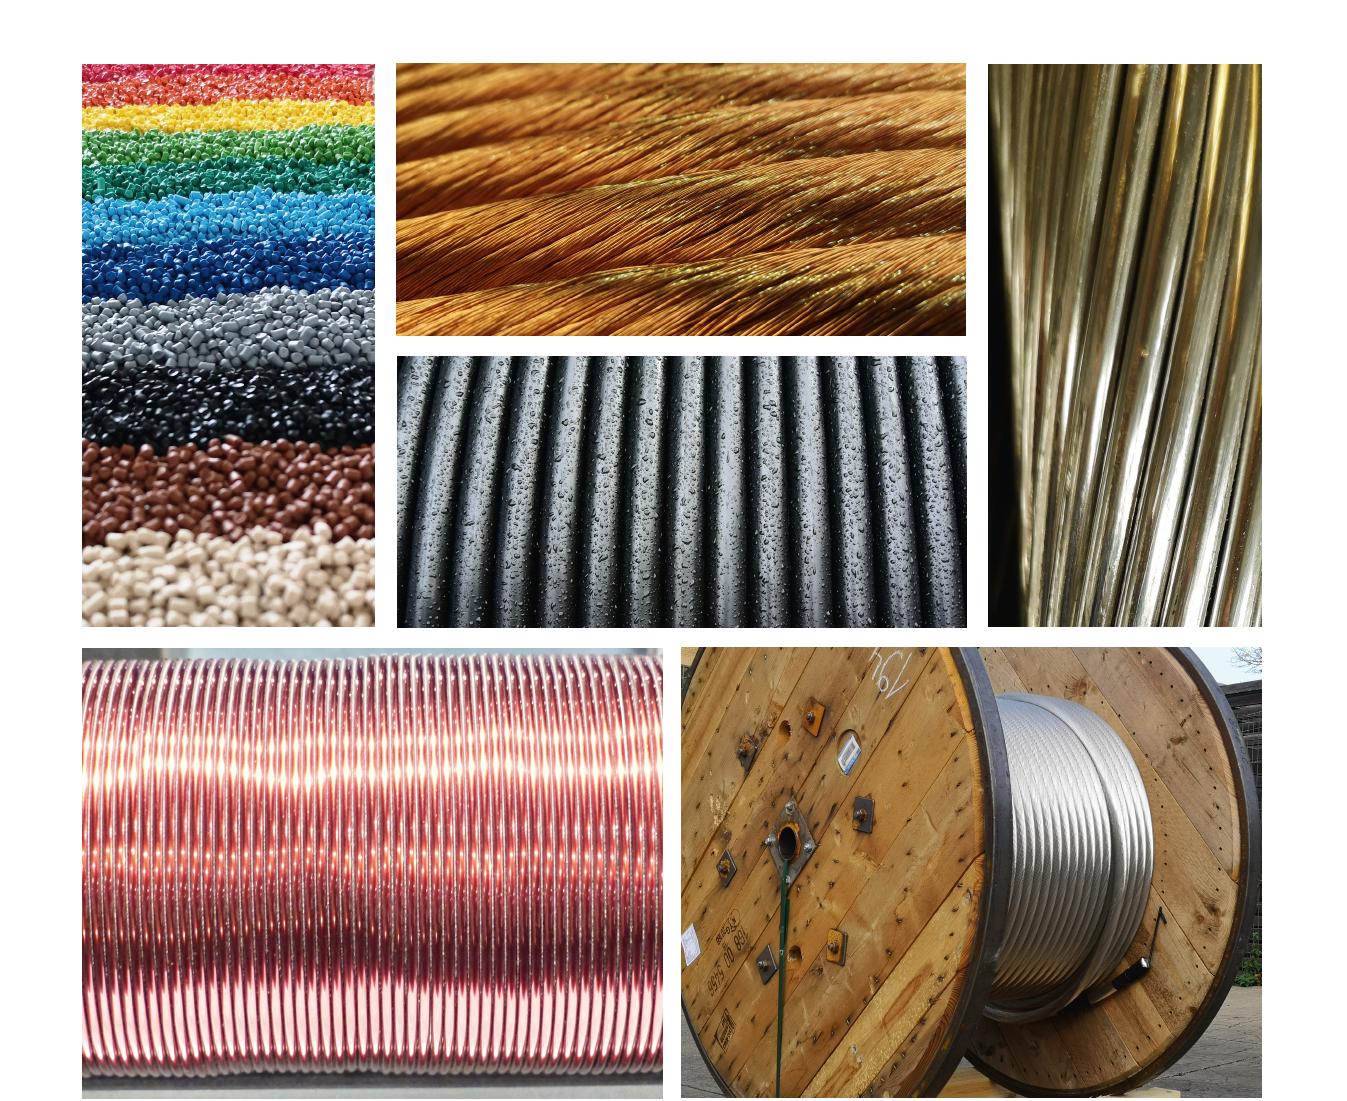 Abbildung verschiedener Produkte aus dem Sortment der BDK GmbH